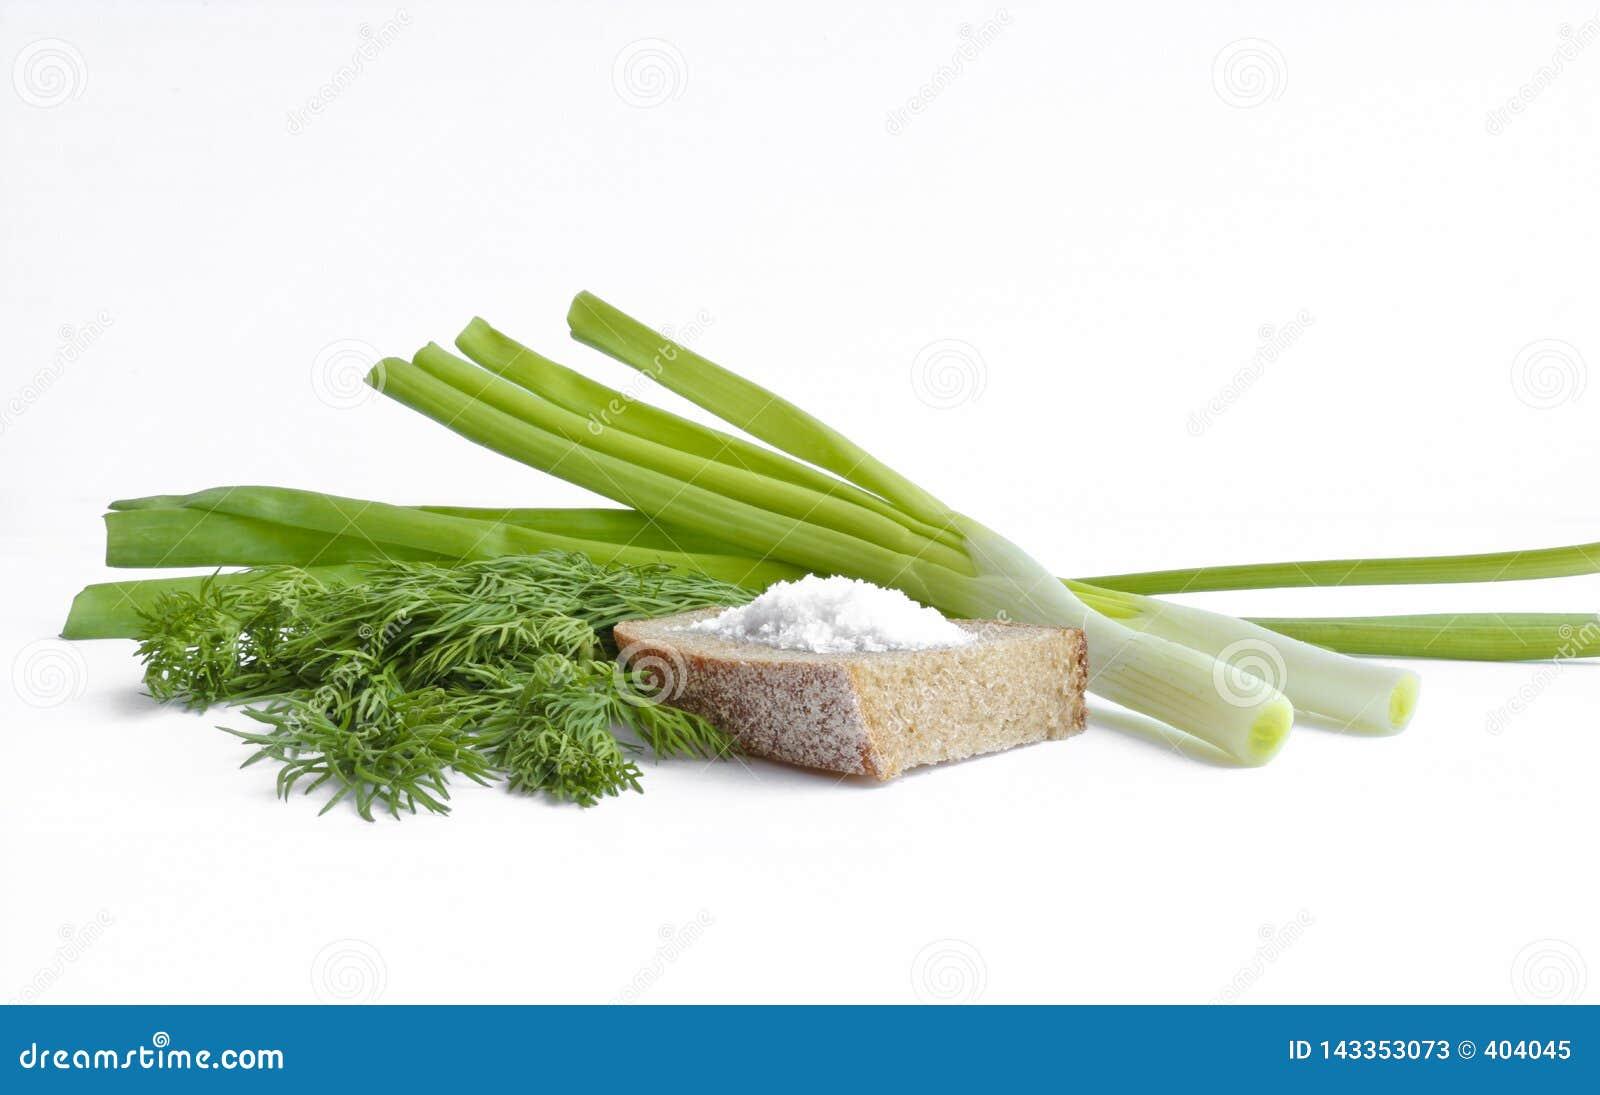 Frühlingszwiebeln, Dill, Roggenbrot mit grobem Salz - Stillleben